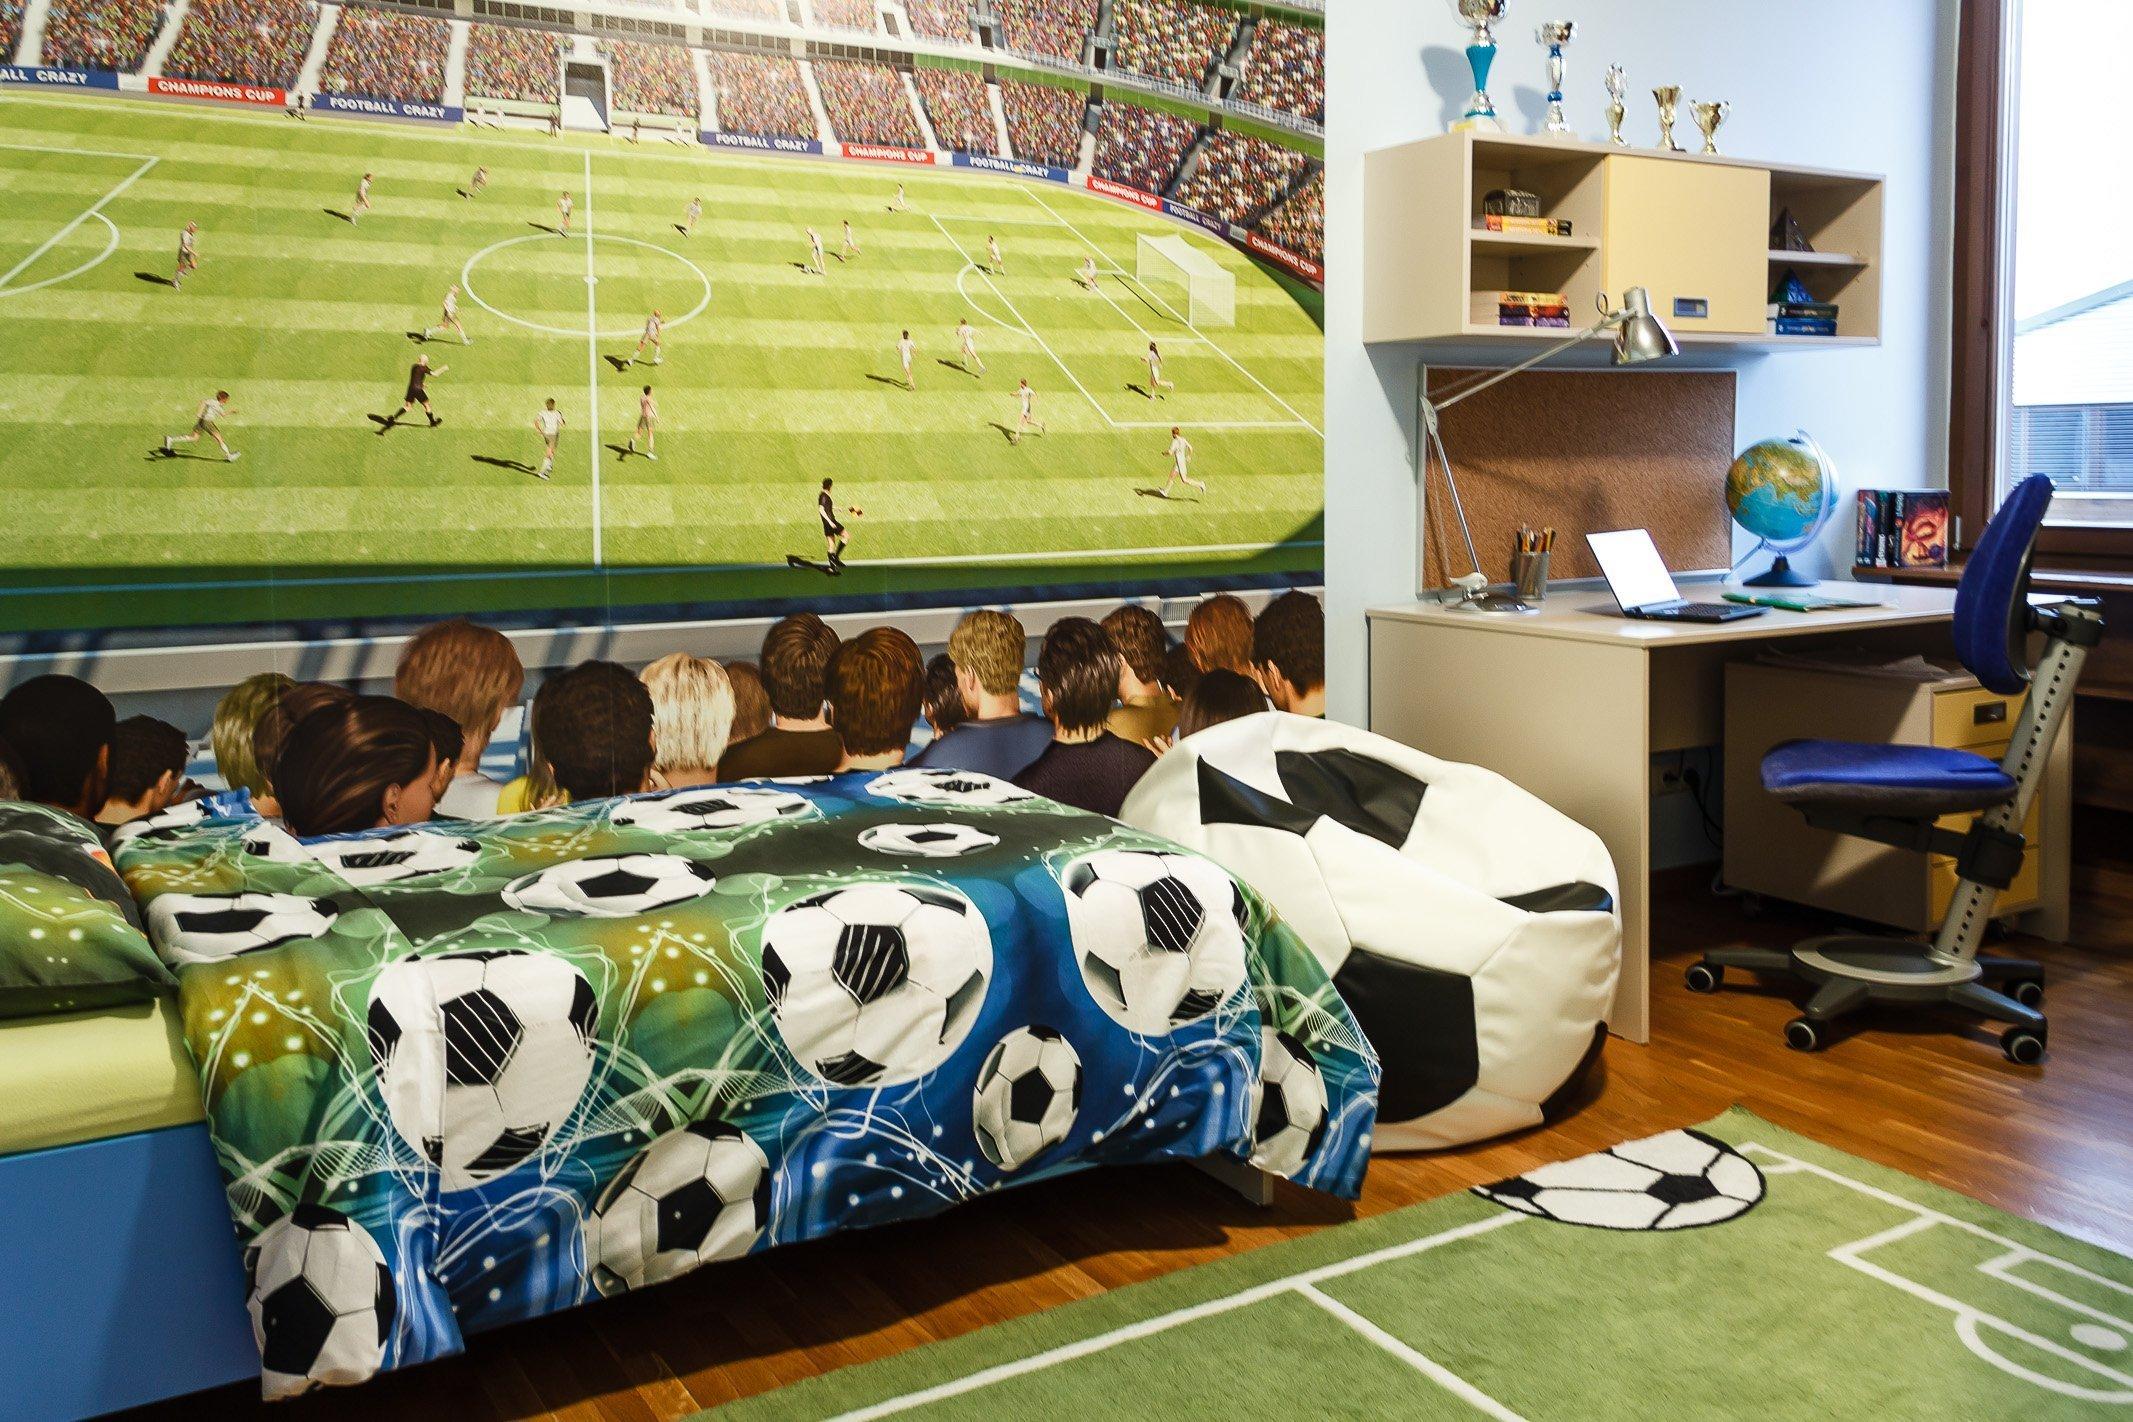 Při práci nad stylovým konceptem tohoto pokojíčku padla jednoznačná volba na fotbalové téma. Pokojíku dominují fotbalová tapeta a obrázková stěna, na kterou…